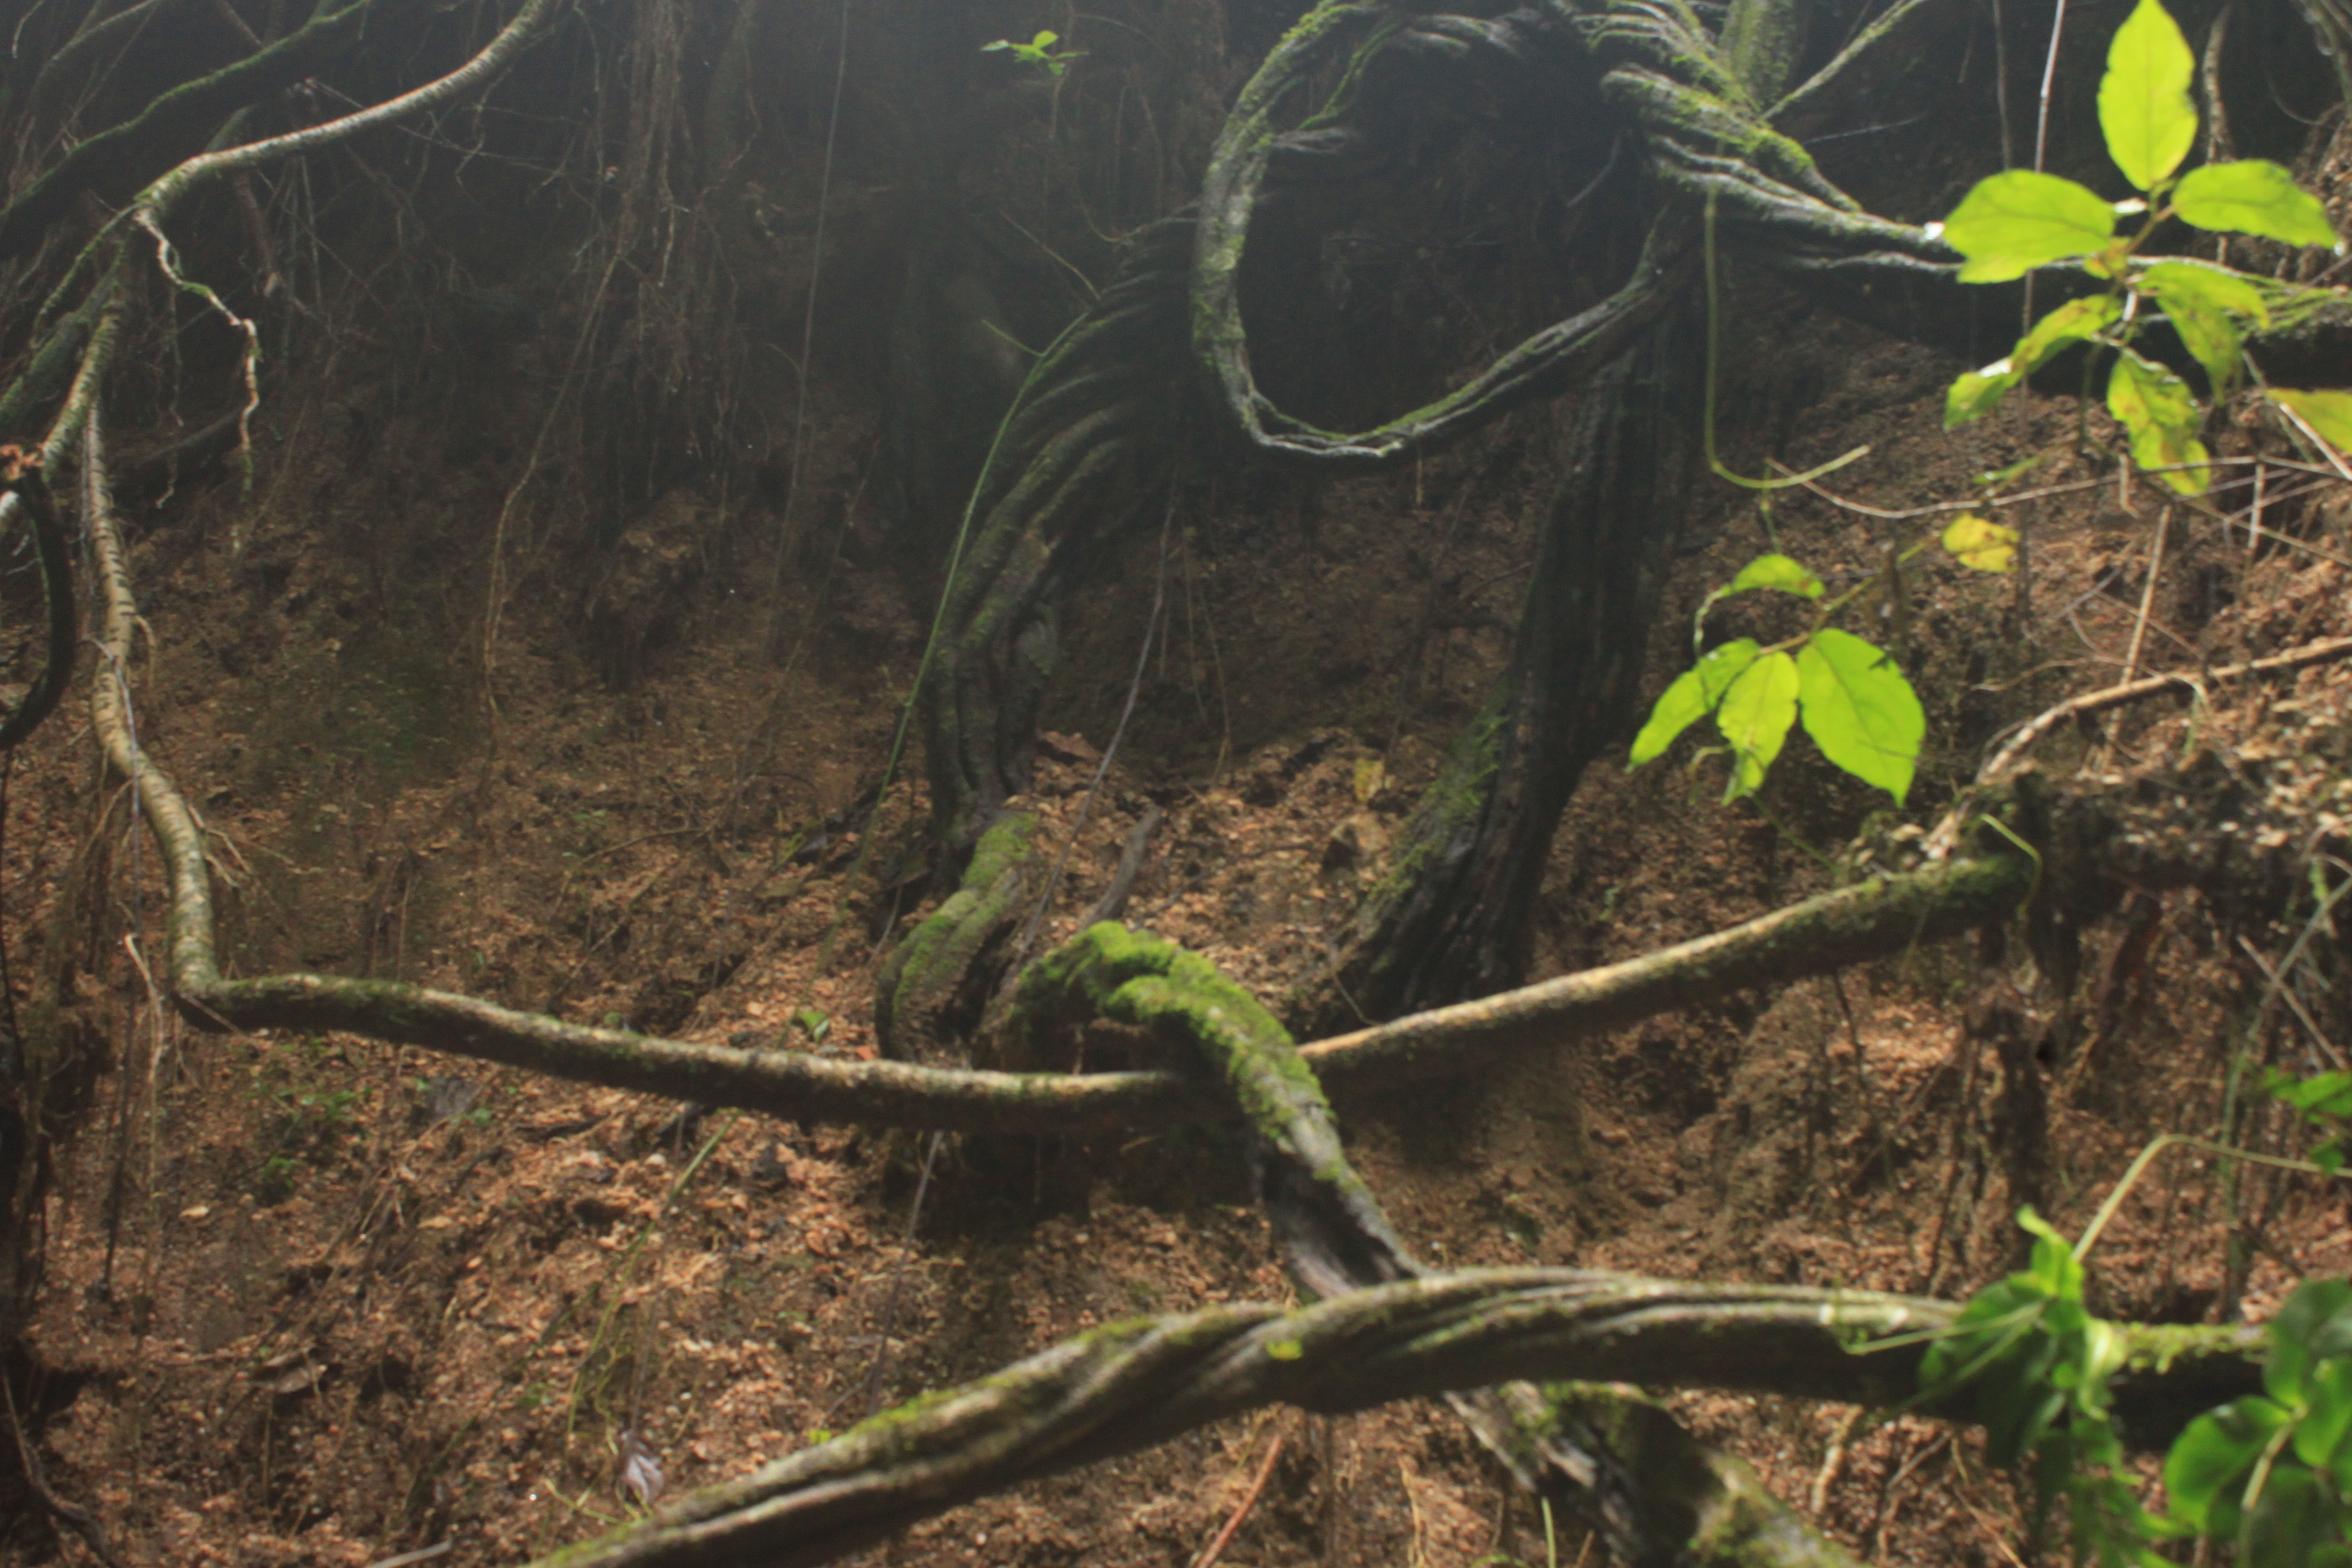 grossos cipós indicam que a floresta urbana está ali há muito tempo